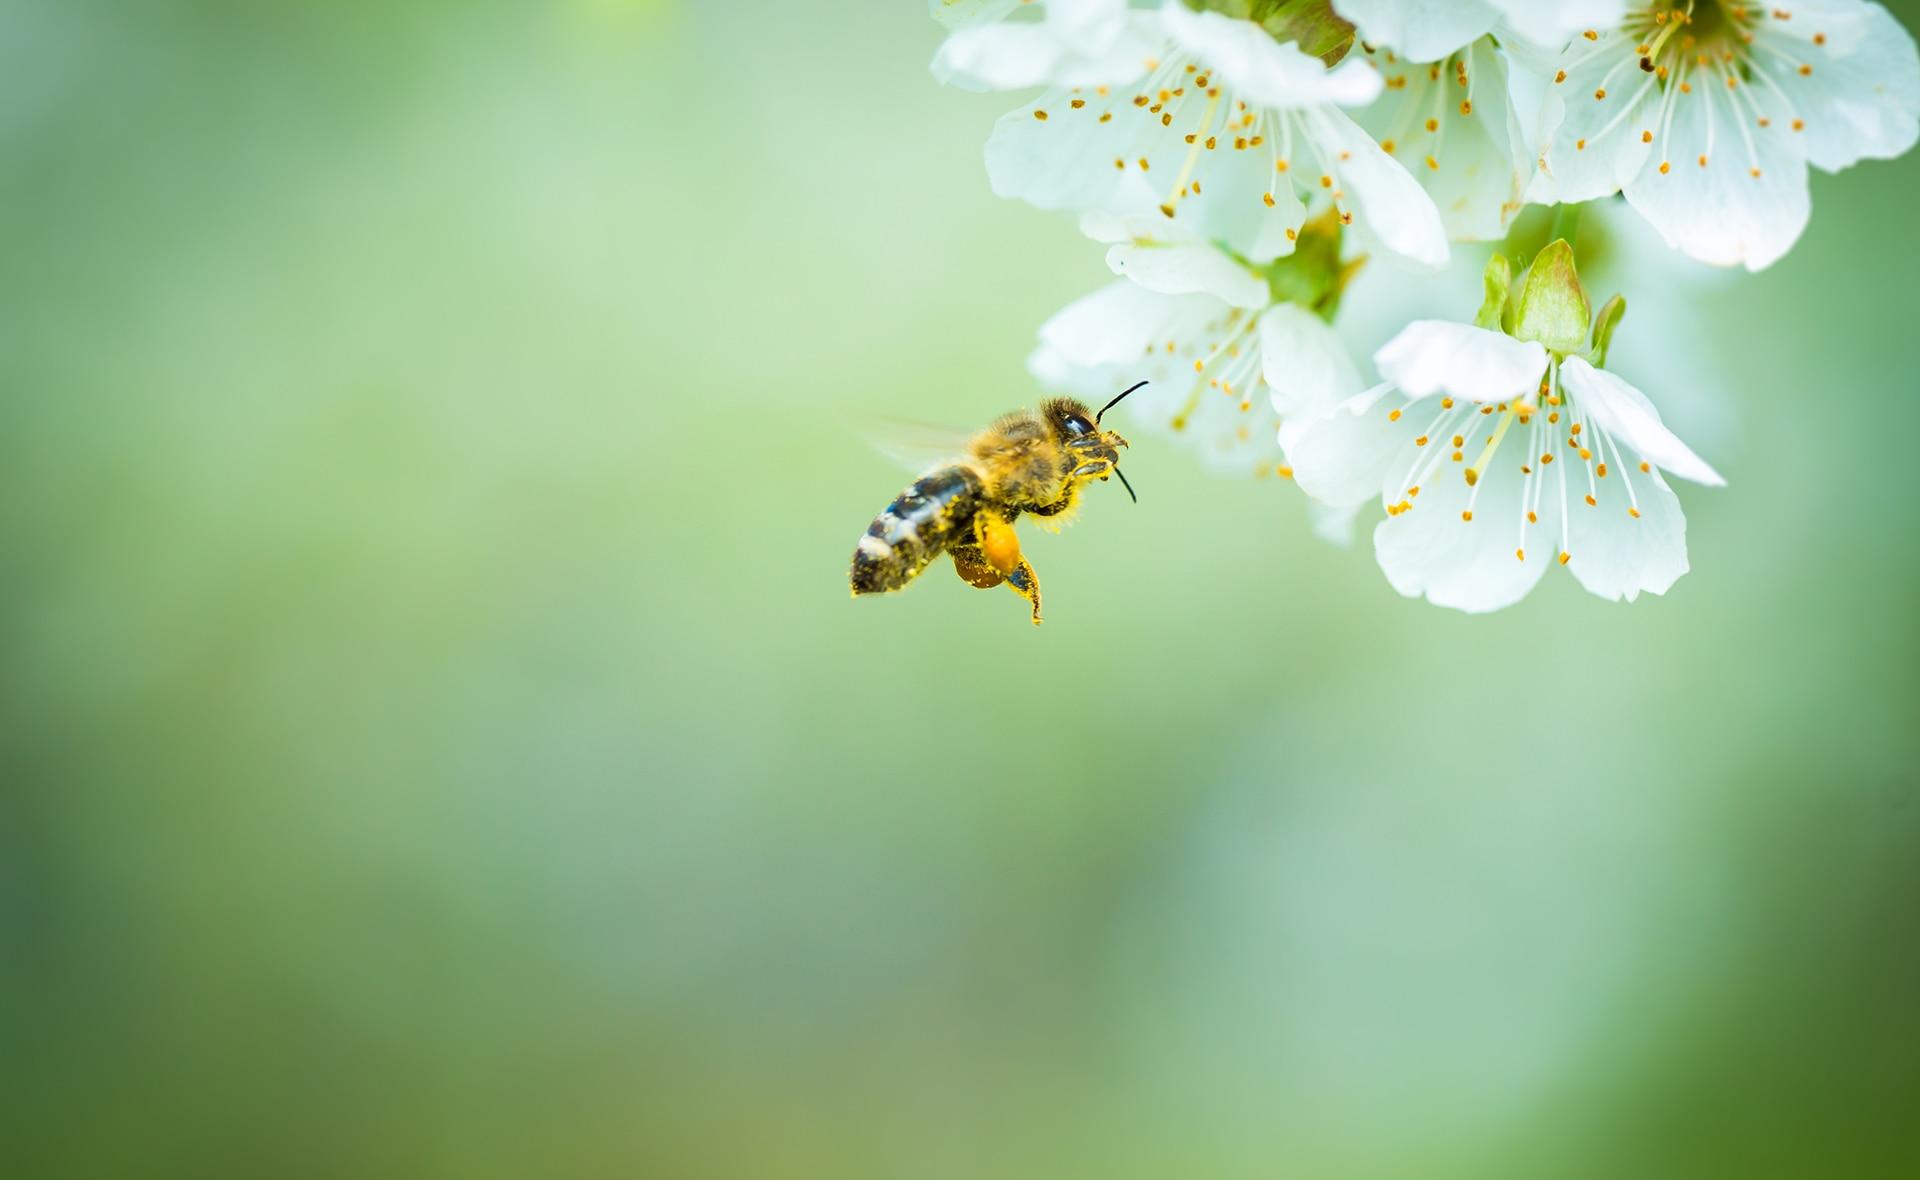 BBVA-abejas-microplasticos-animales-sostenibilidad-contaminacion-vegetacion-floracion-alimento